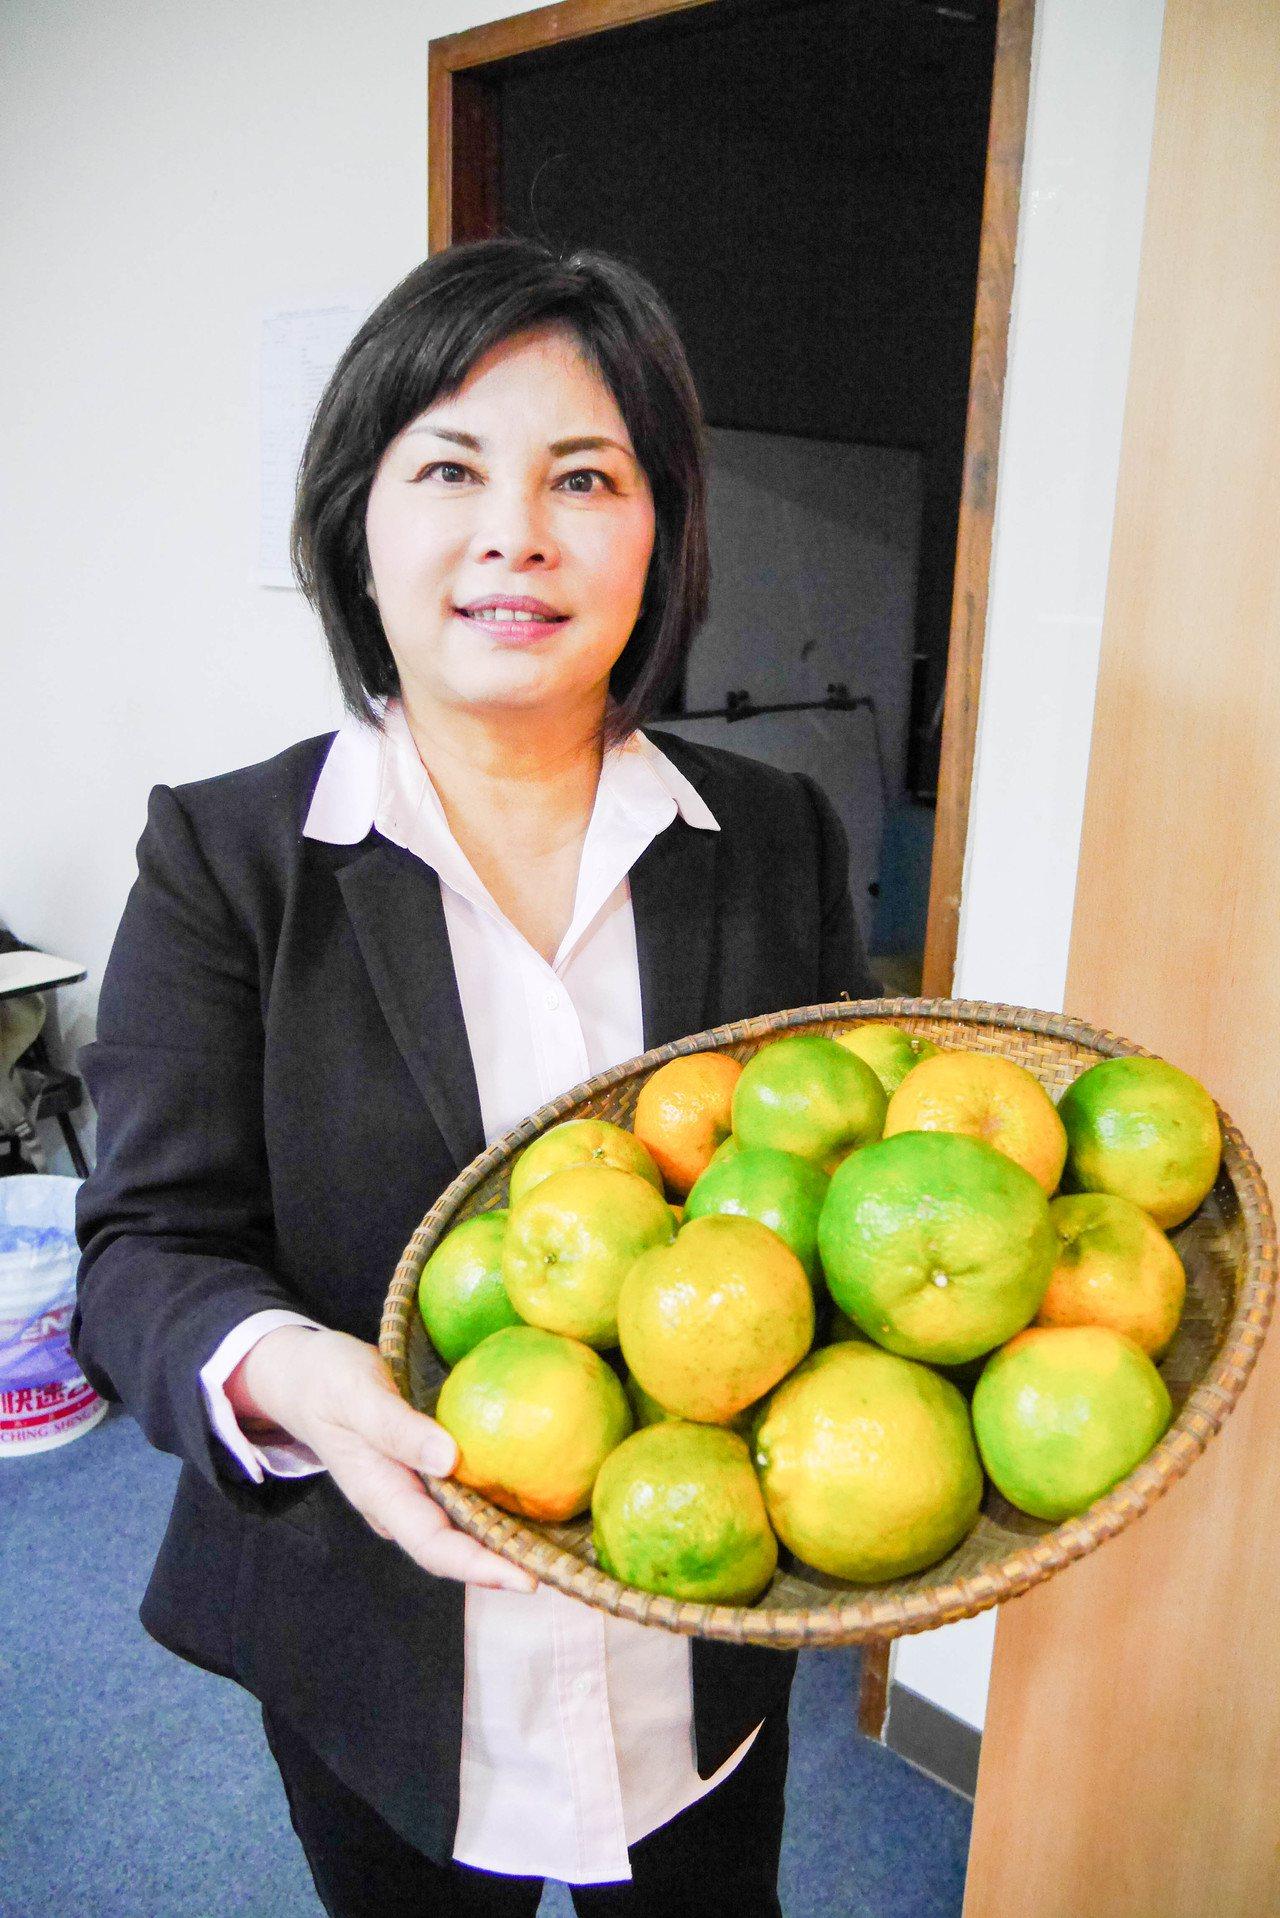 台南市議員賴惠員指出,今年雨量少,造成椪柑顆粒大小不一。記者鄭維真/攝影